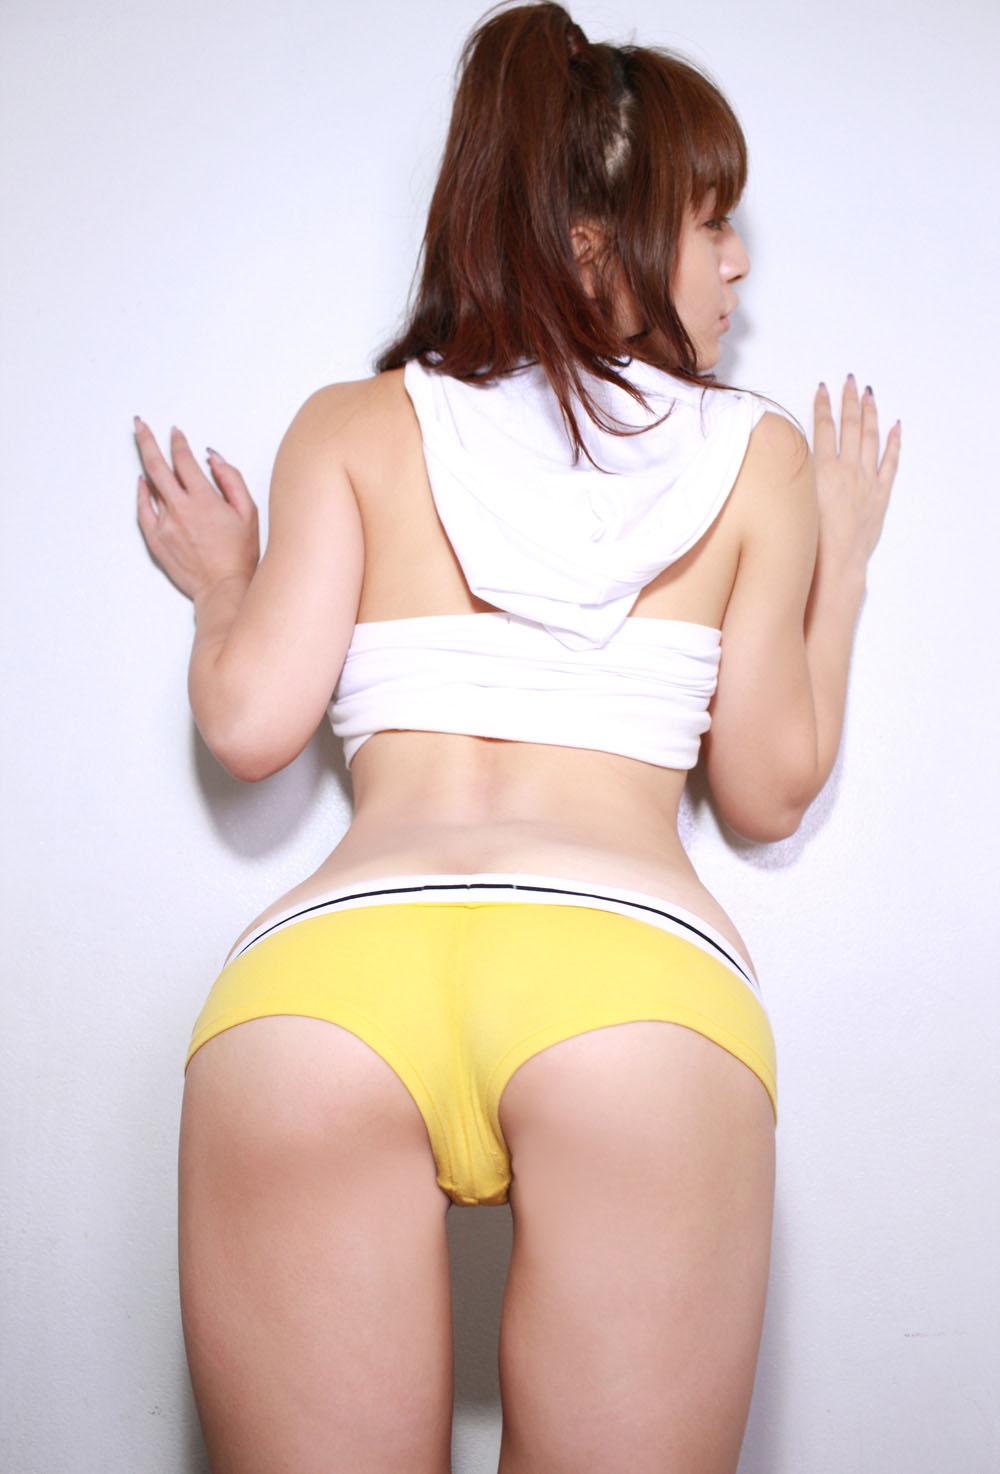 【くびれエロ画像】お尻に重きを置けば細く見えるwくびれが際立つ美尻アングルwww 15